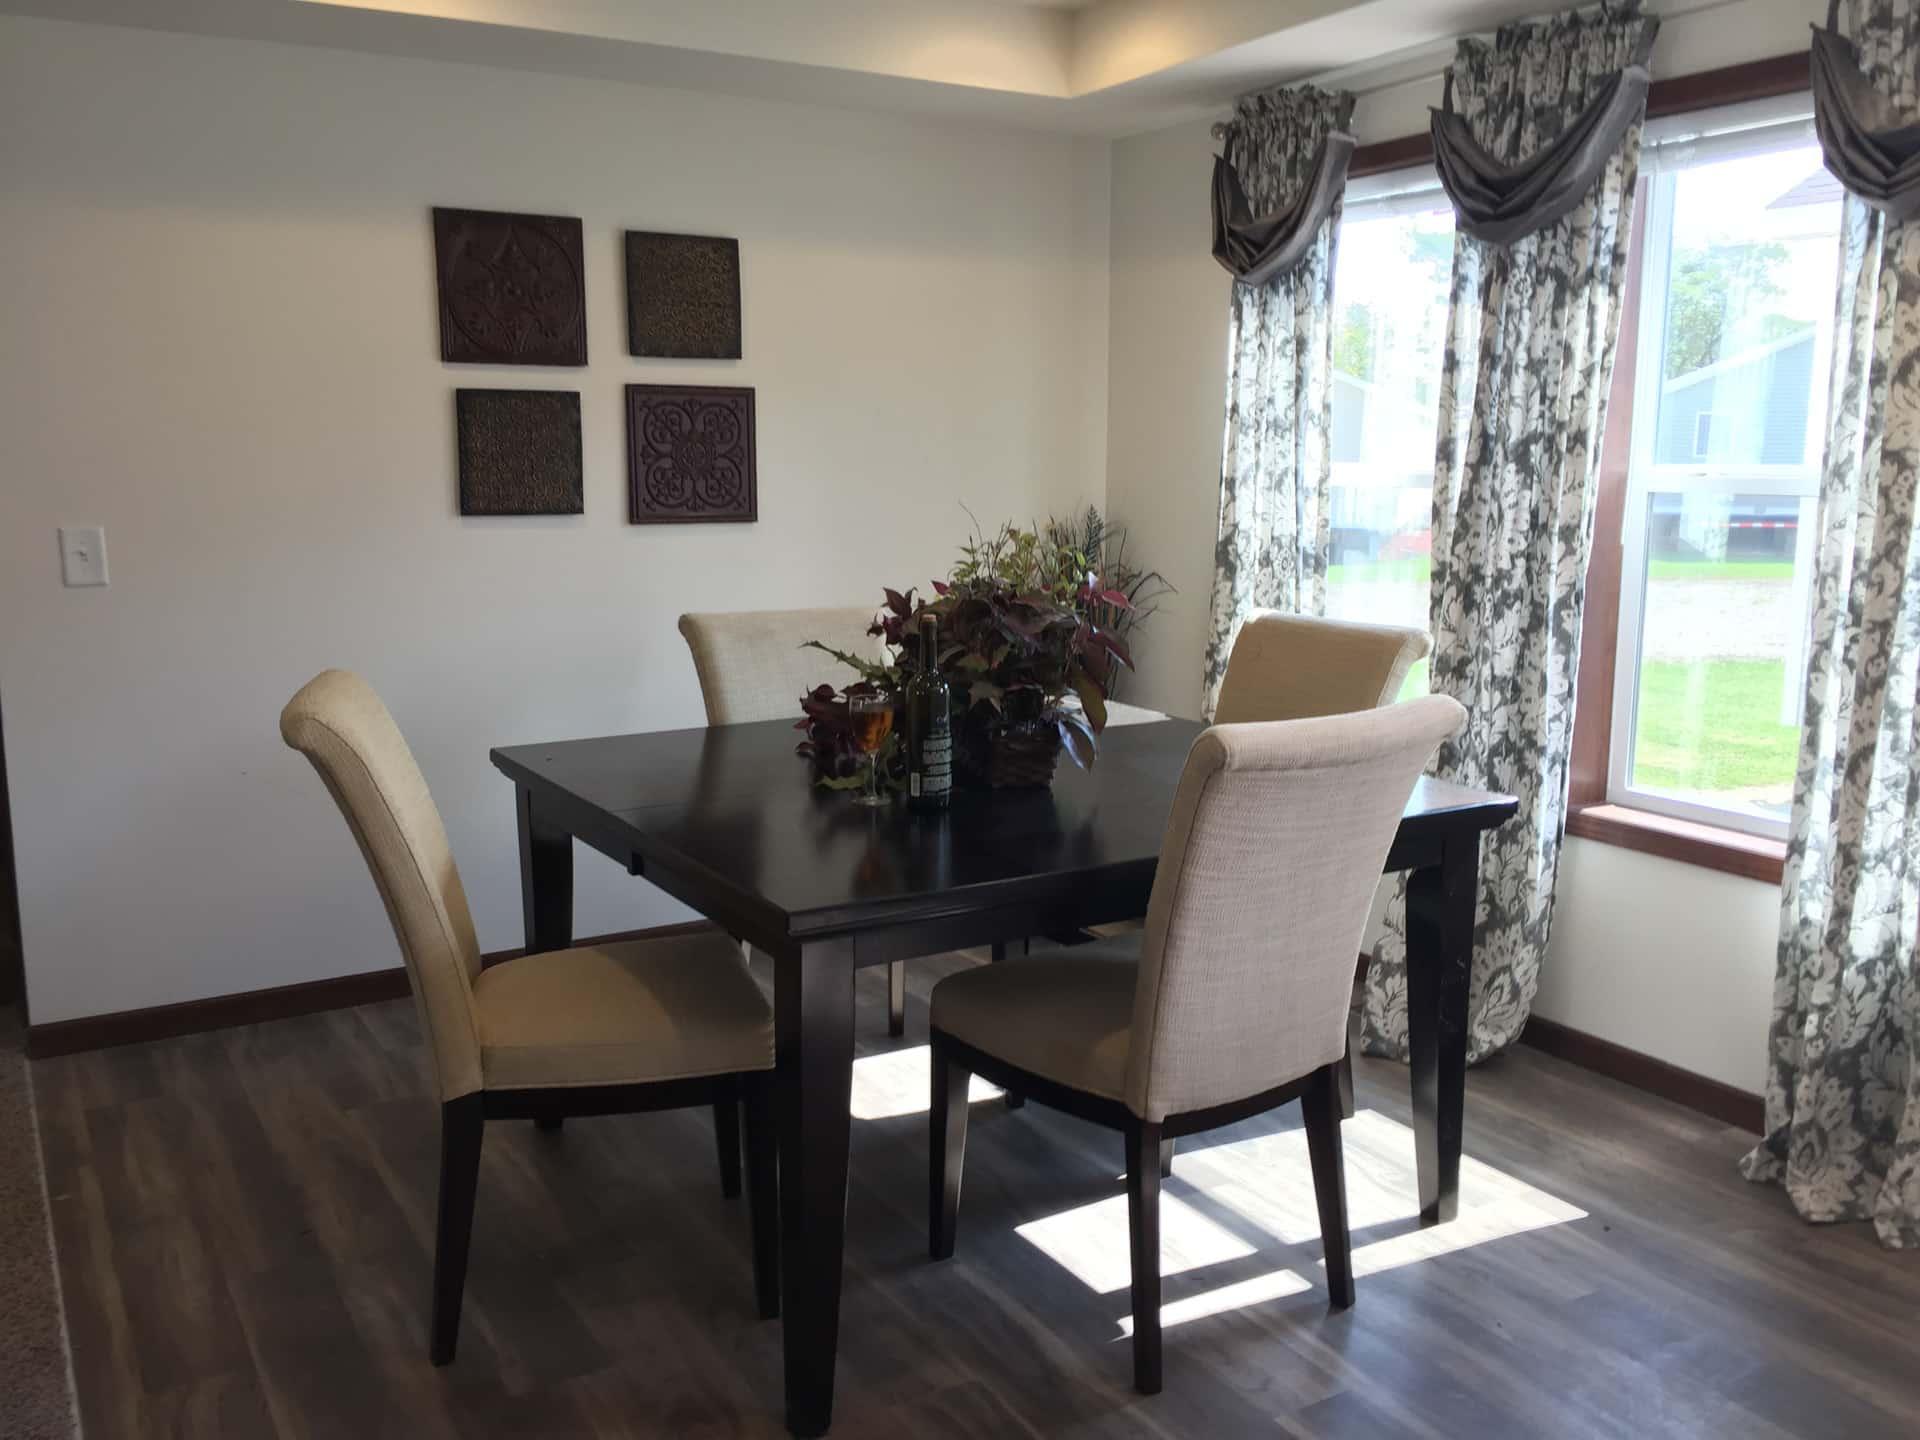 Ultra Dining Room